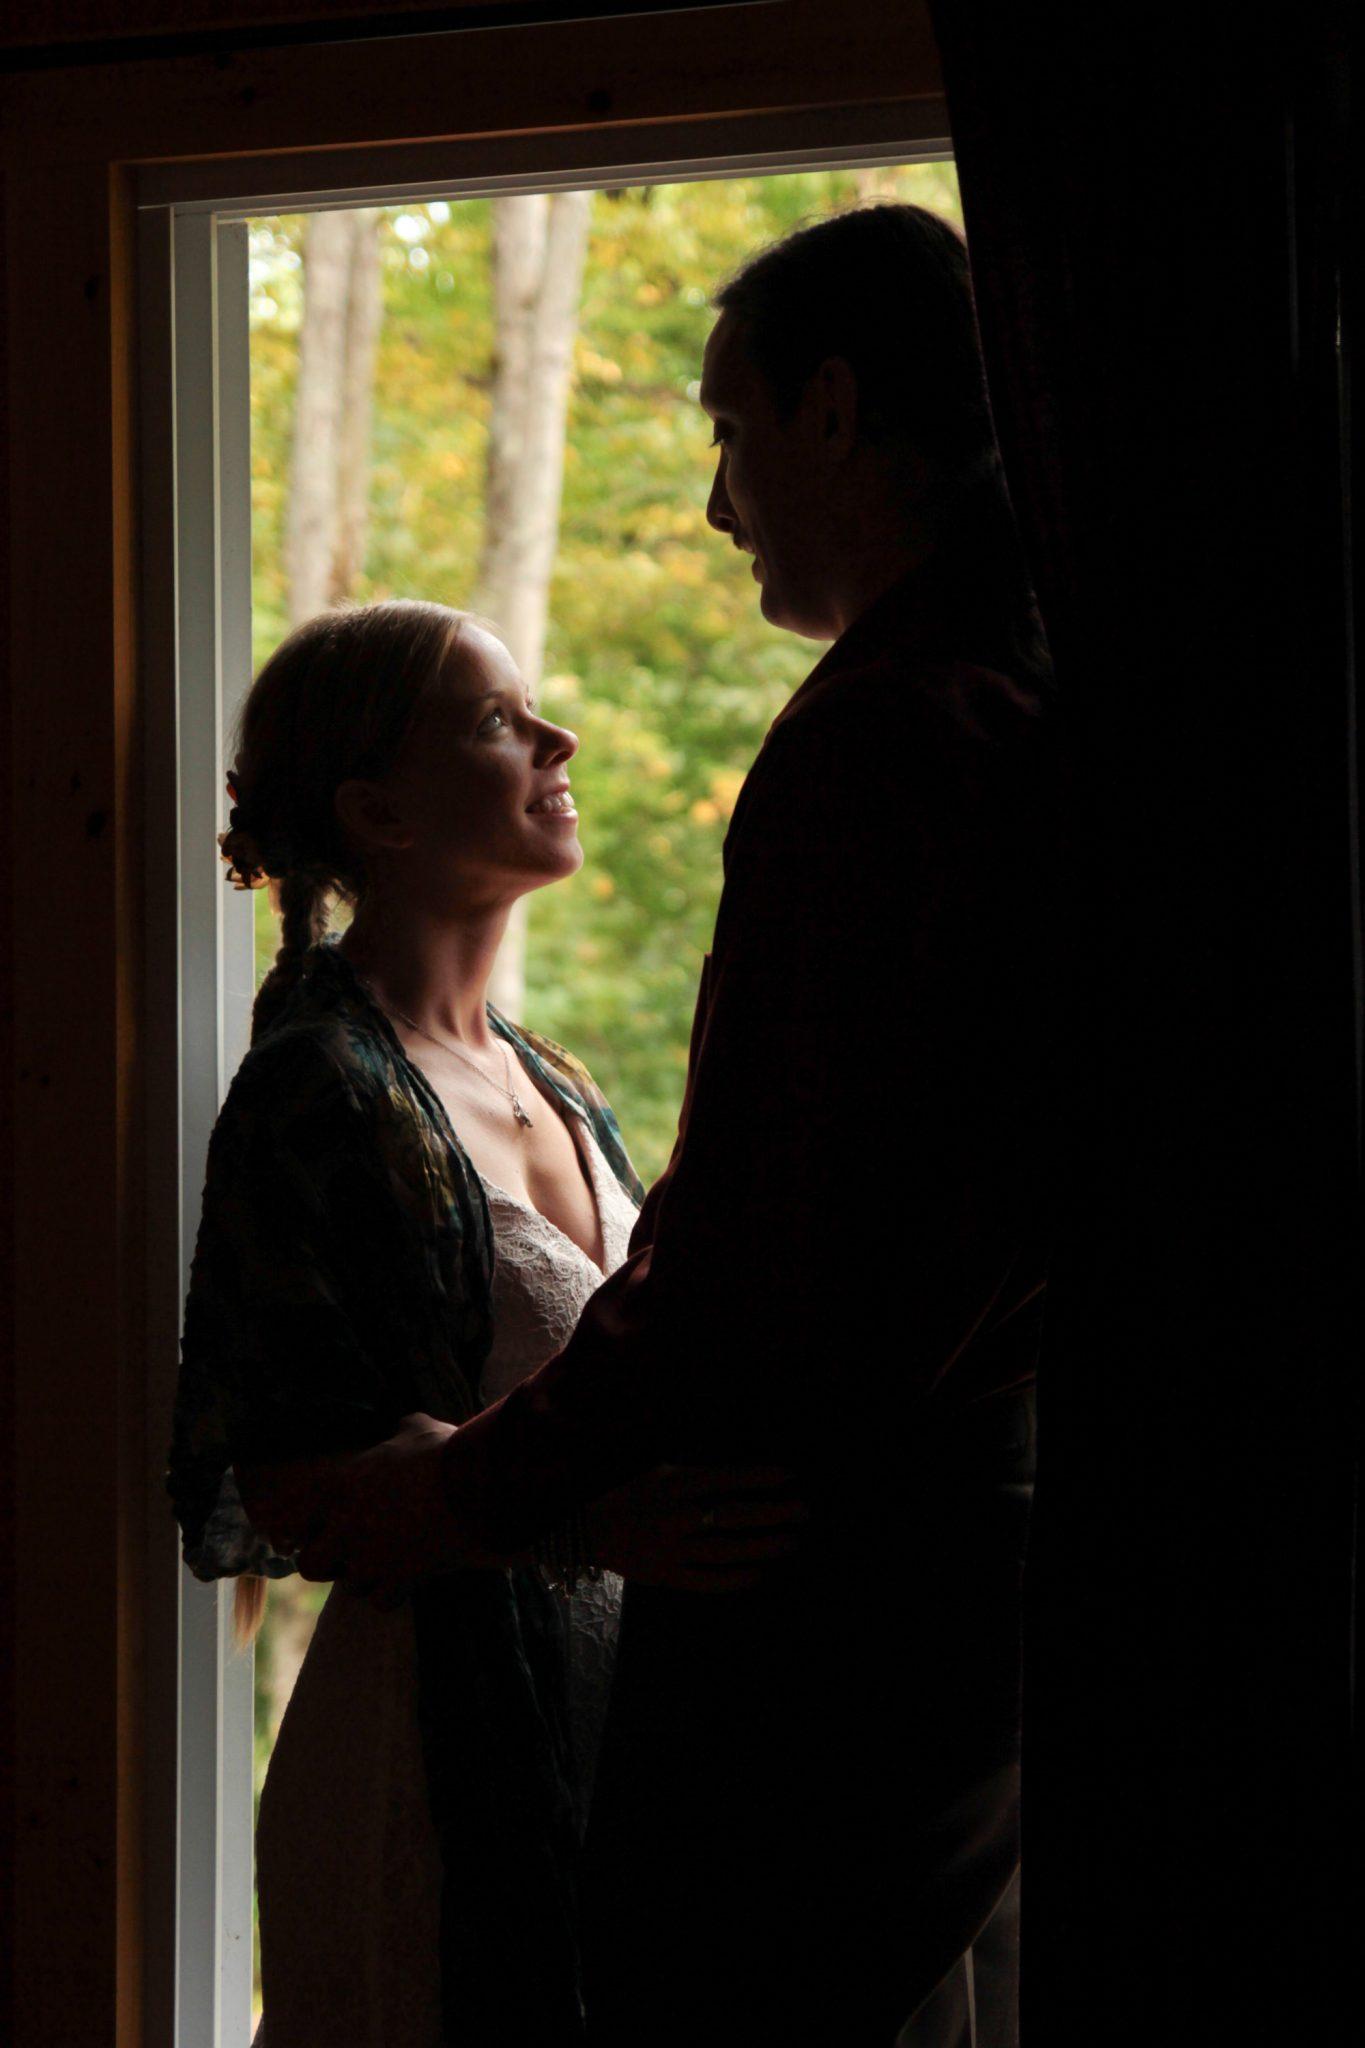 wedding portrait silhouette through light in doorway in Montpelier, Vermont